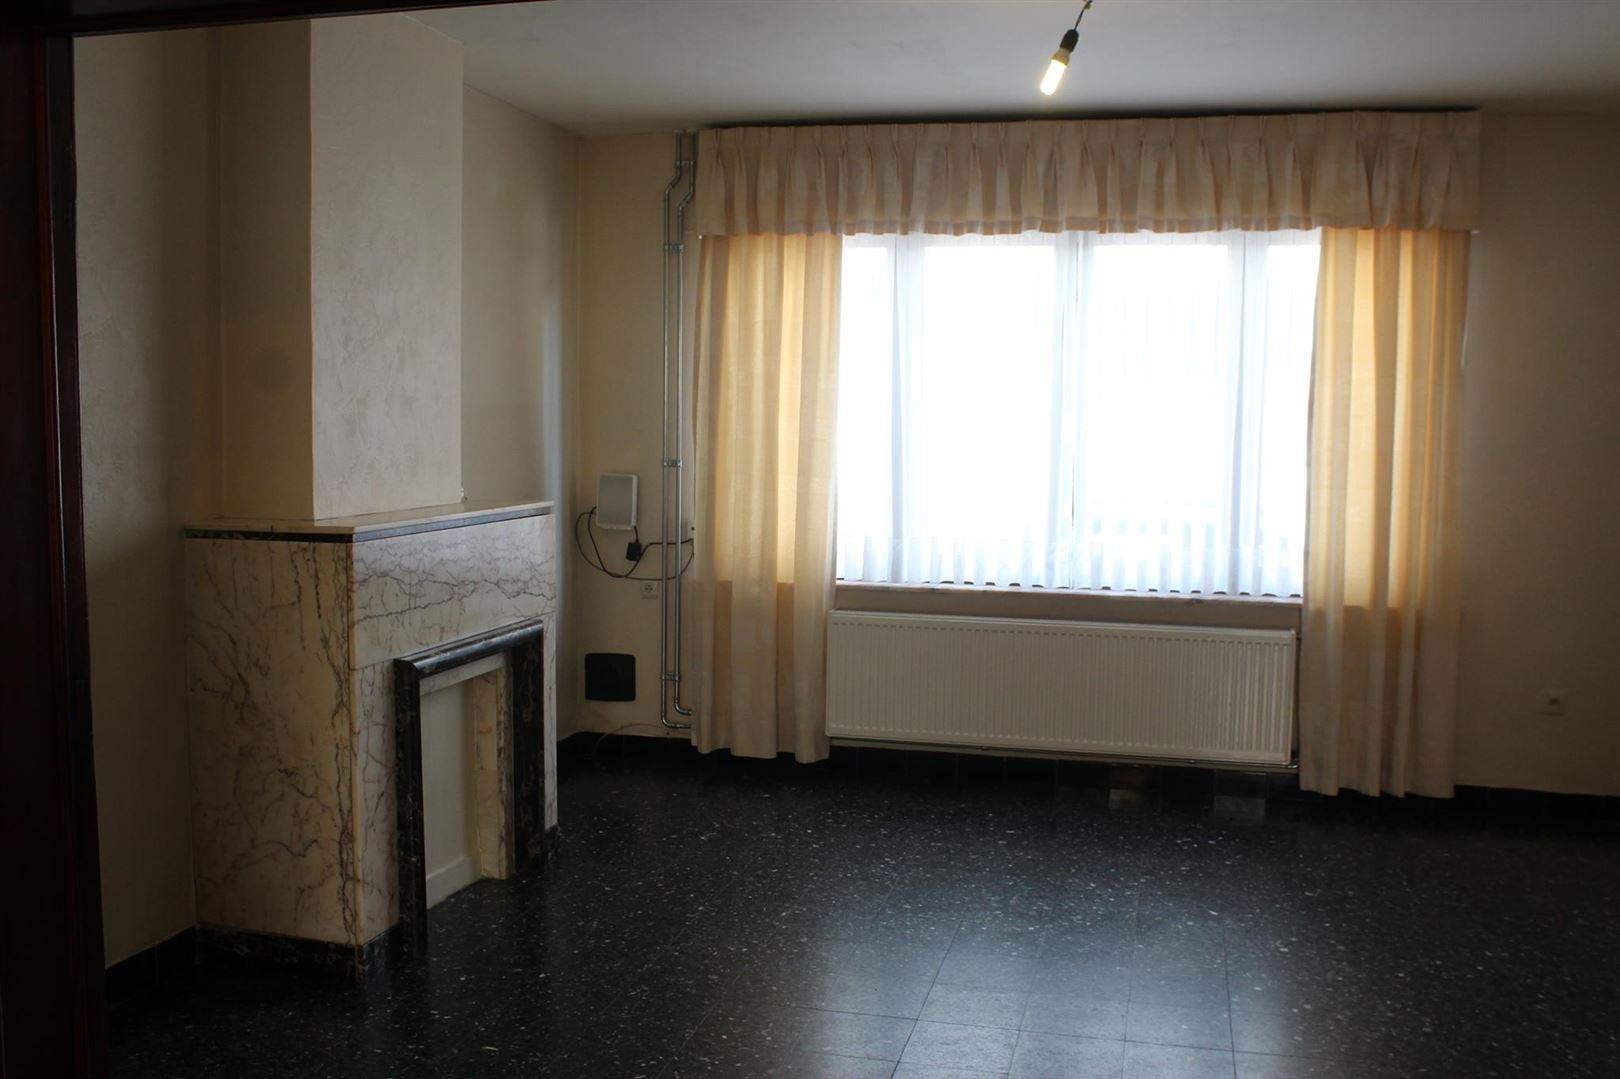 Foto 5 : Woning te 9200 Baasrode (België) - Prijs € 695